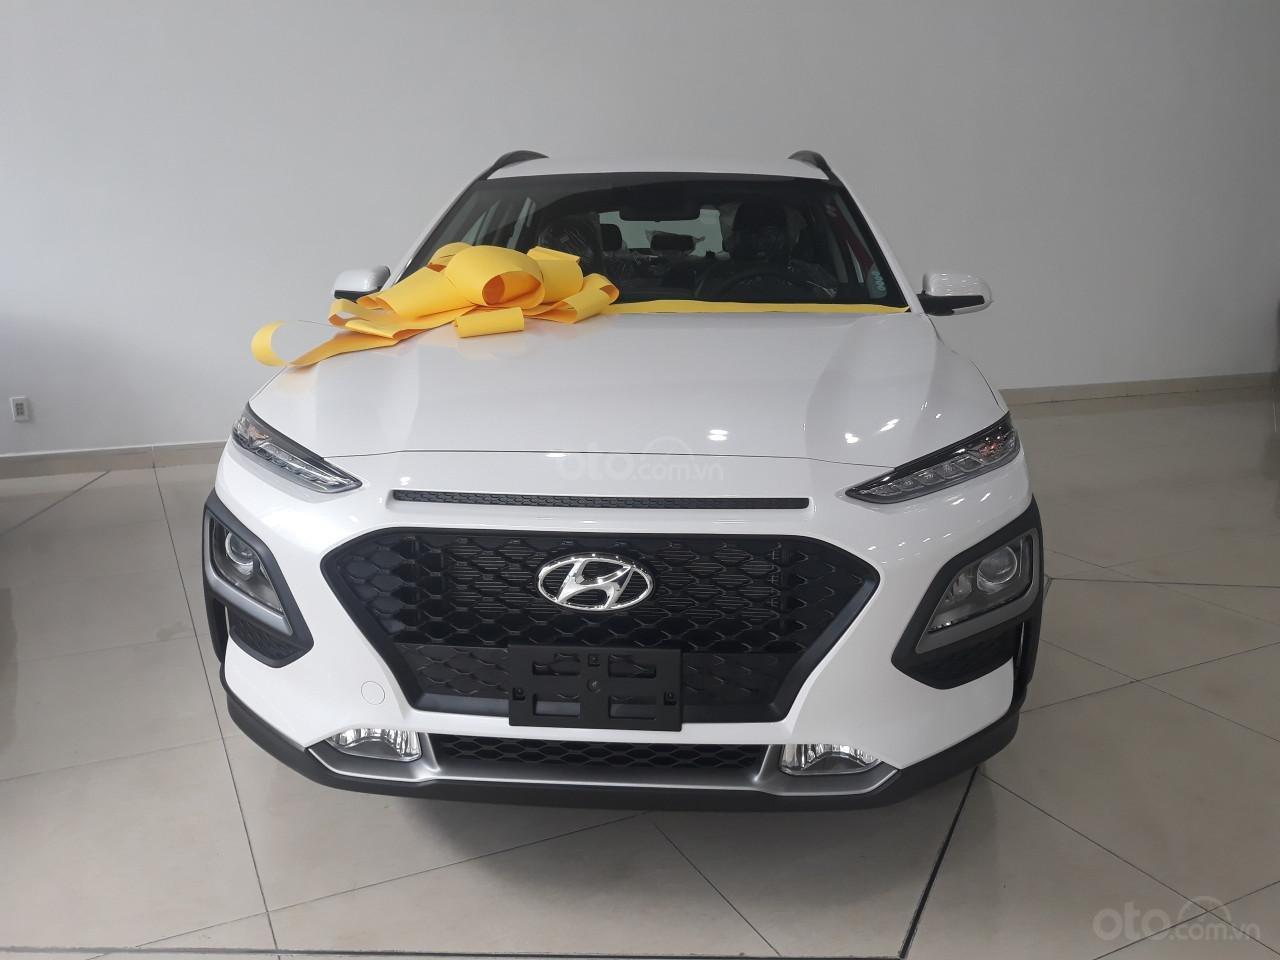 Bán Hyundai Kona 2019 đủ phiên bản - Giá tốt - LH 0915880602 (2)